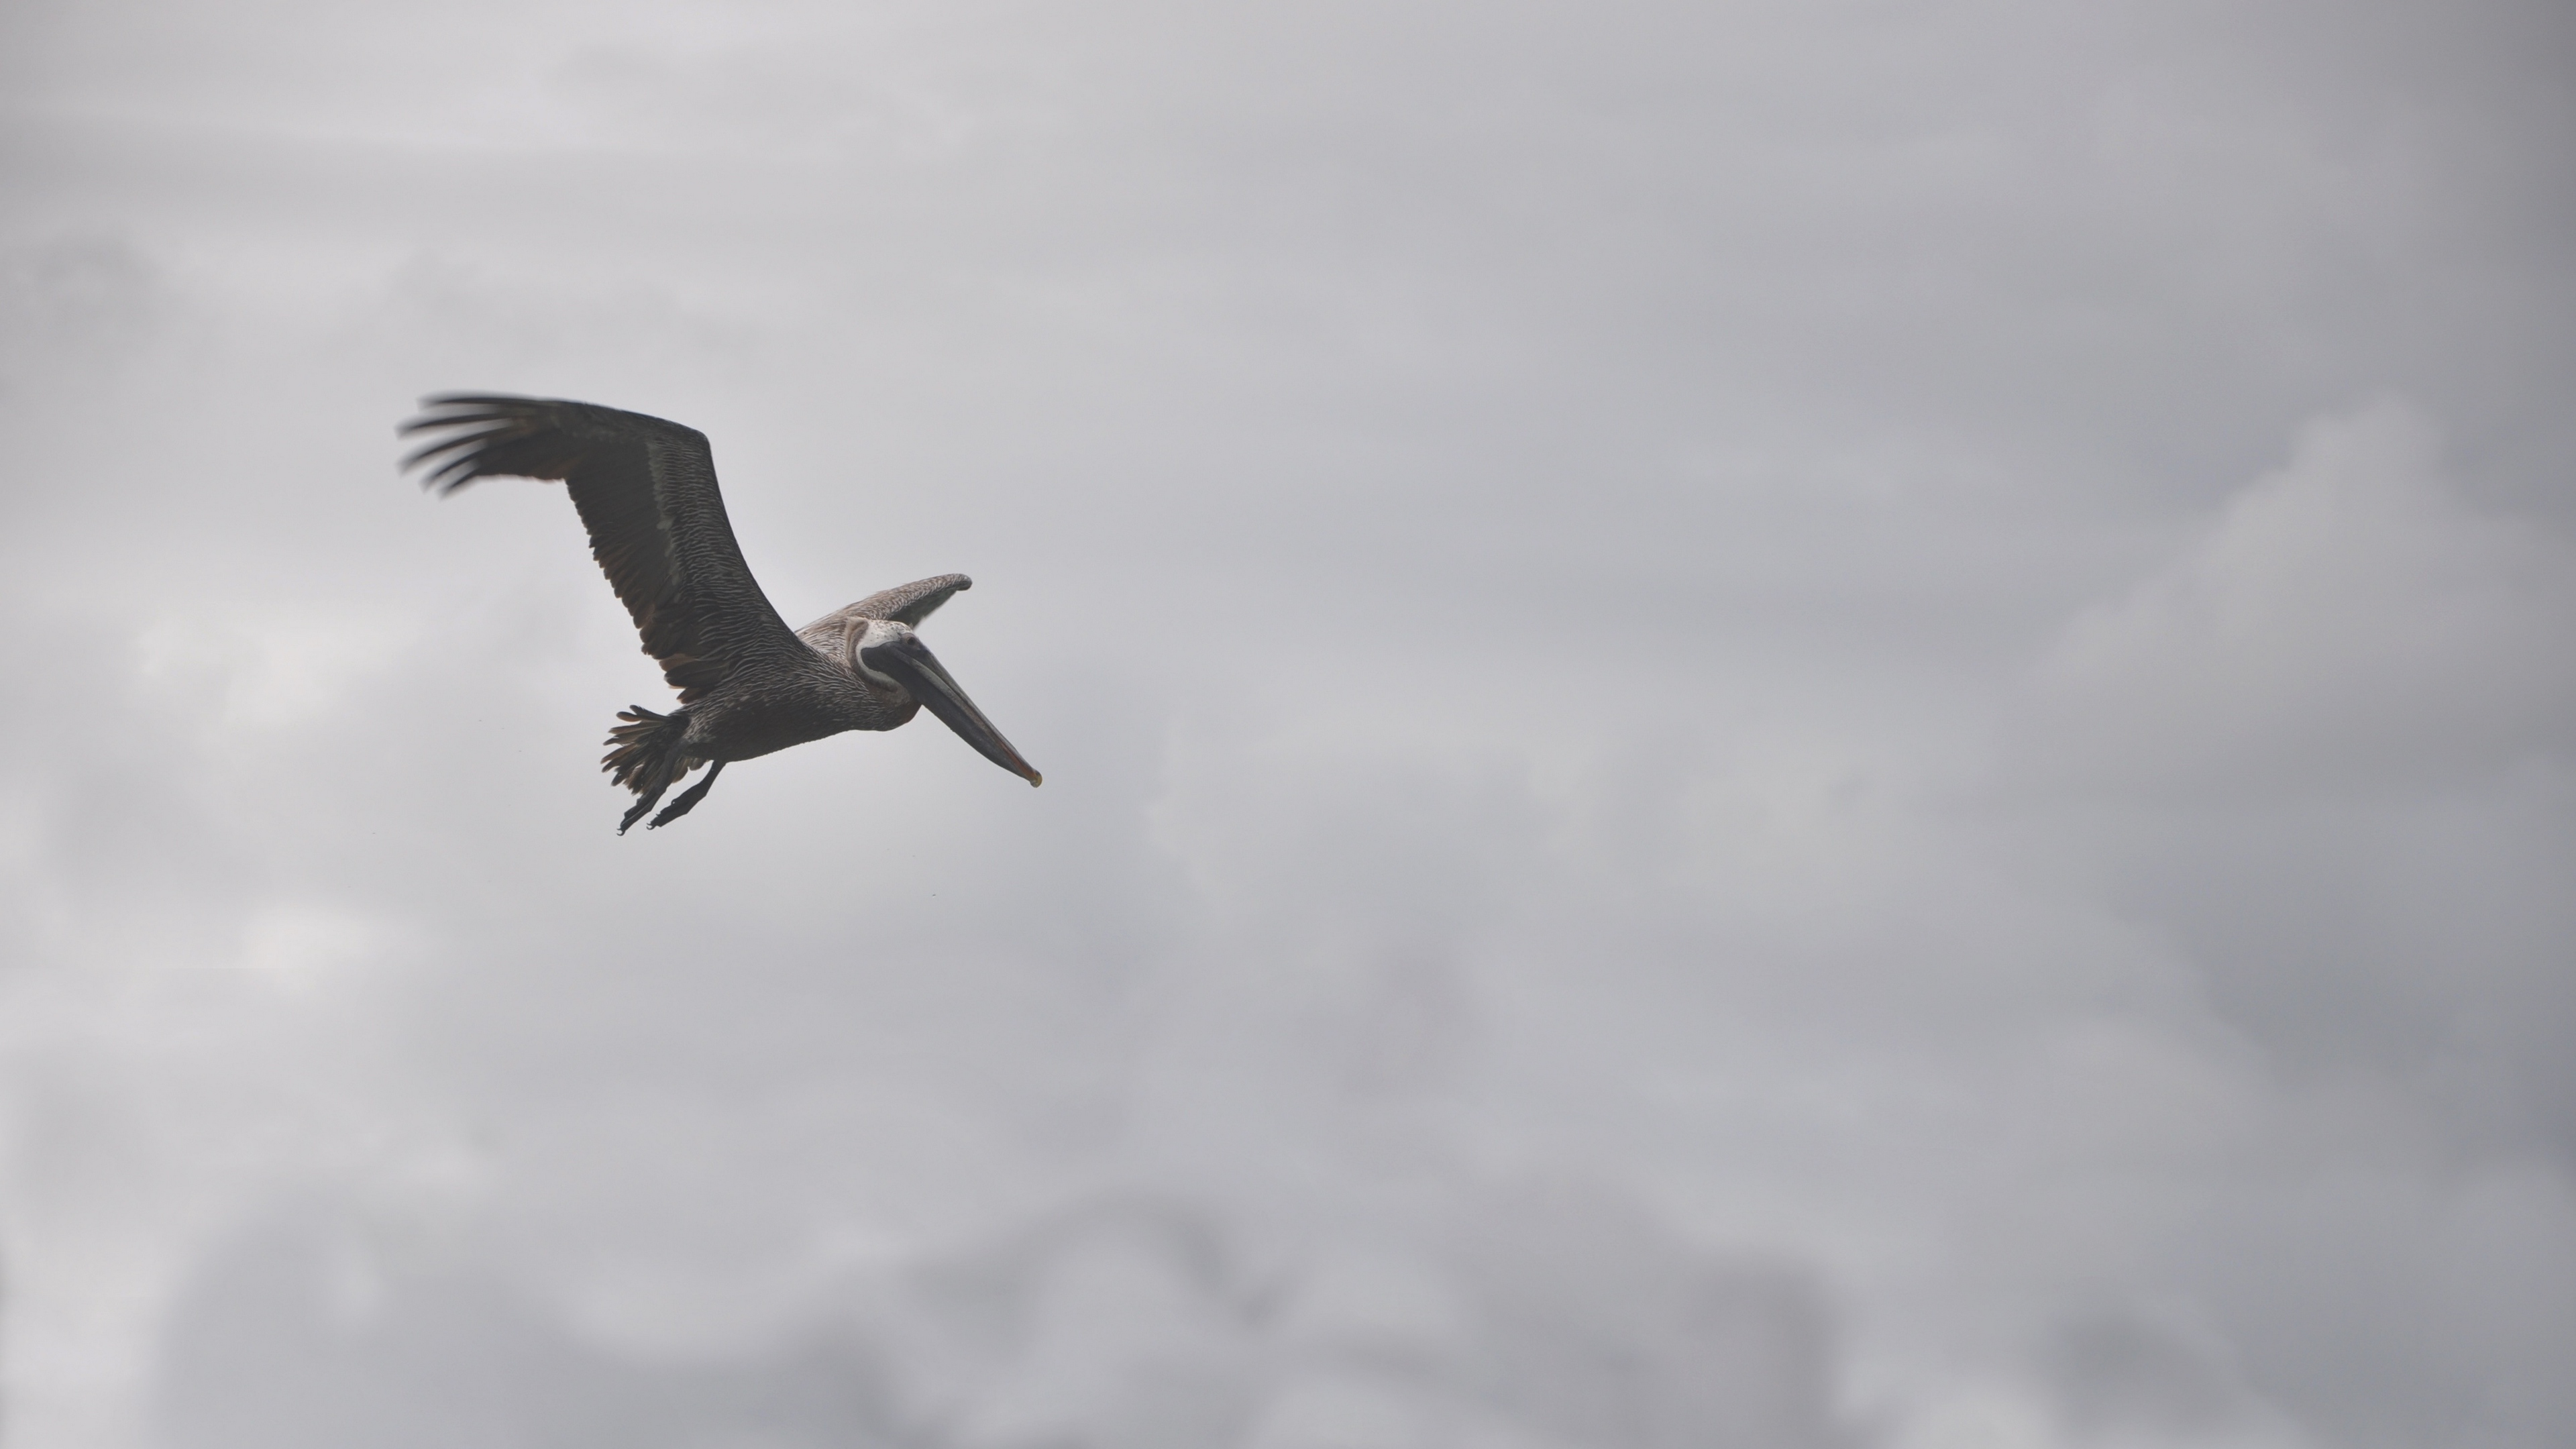 pelican bird flight clouds 4k 1542242925 - pelican, bird, flight, clouds 4k - Pelican, Flight, Bird